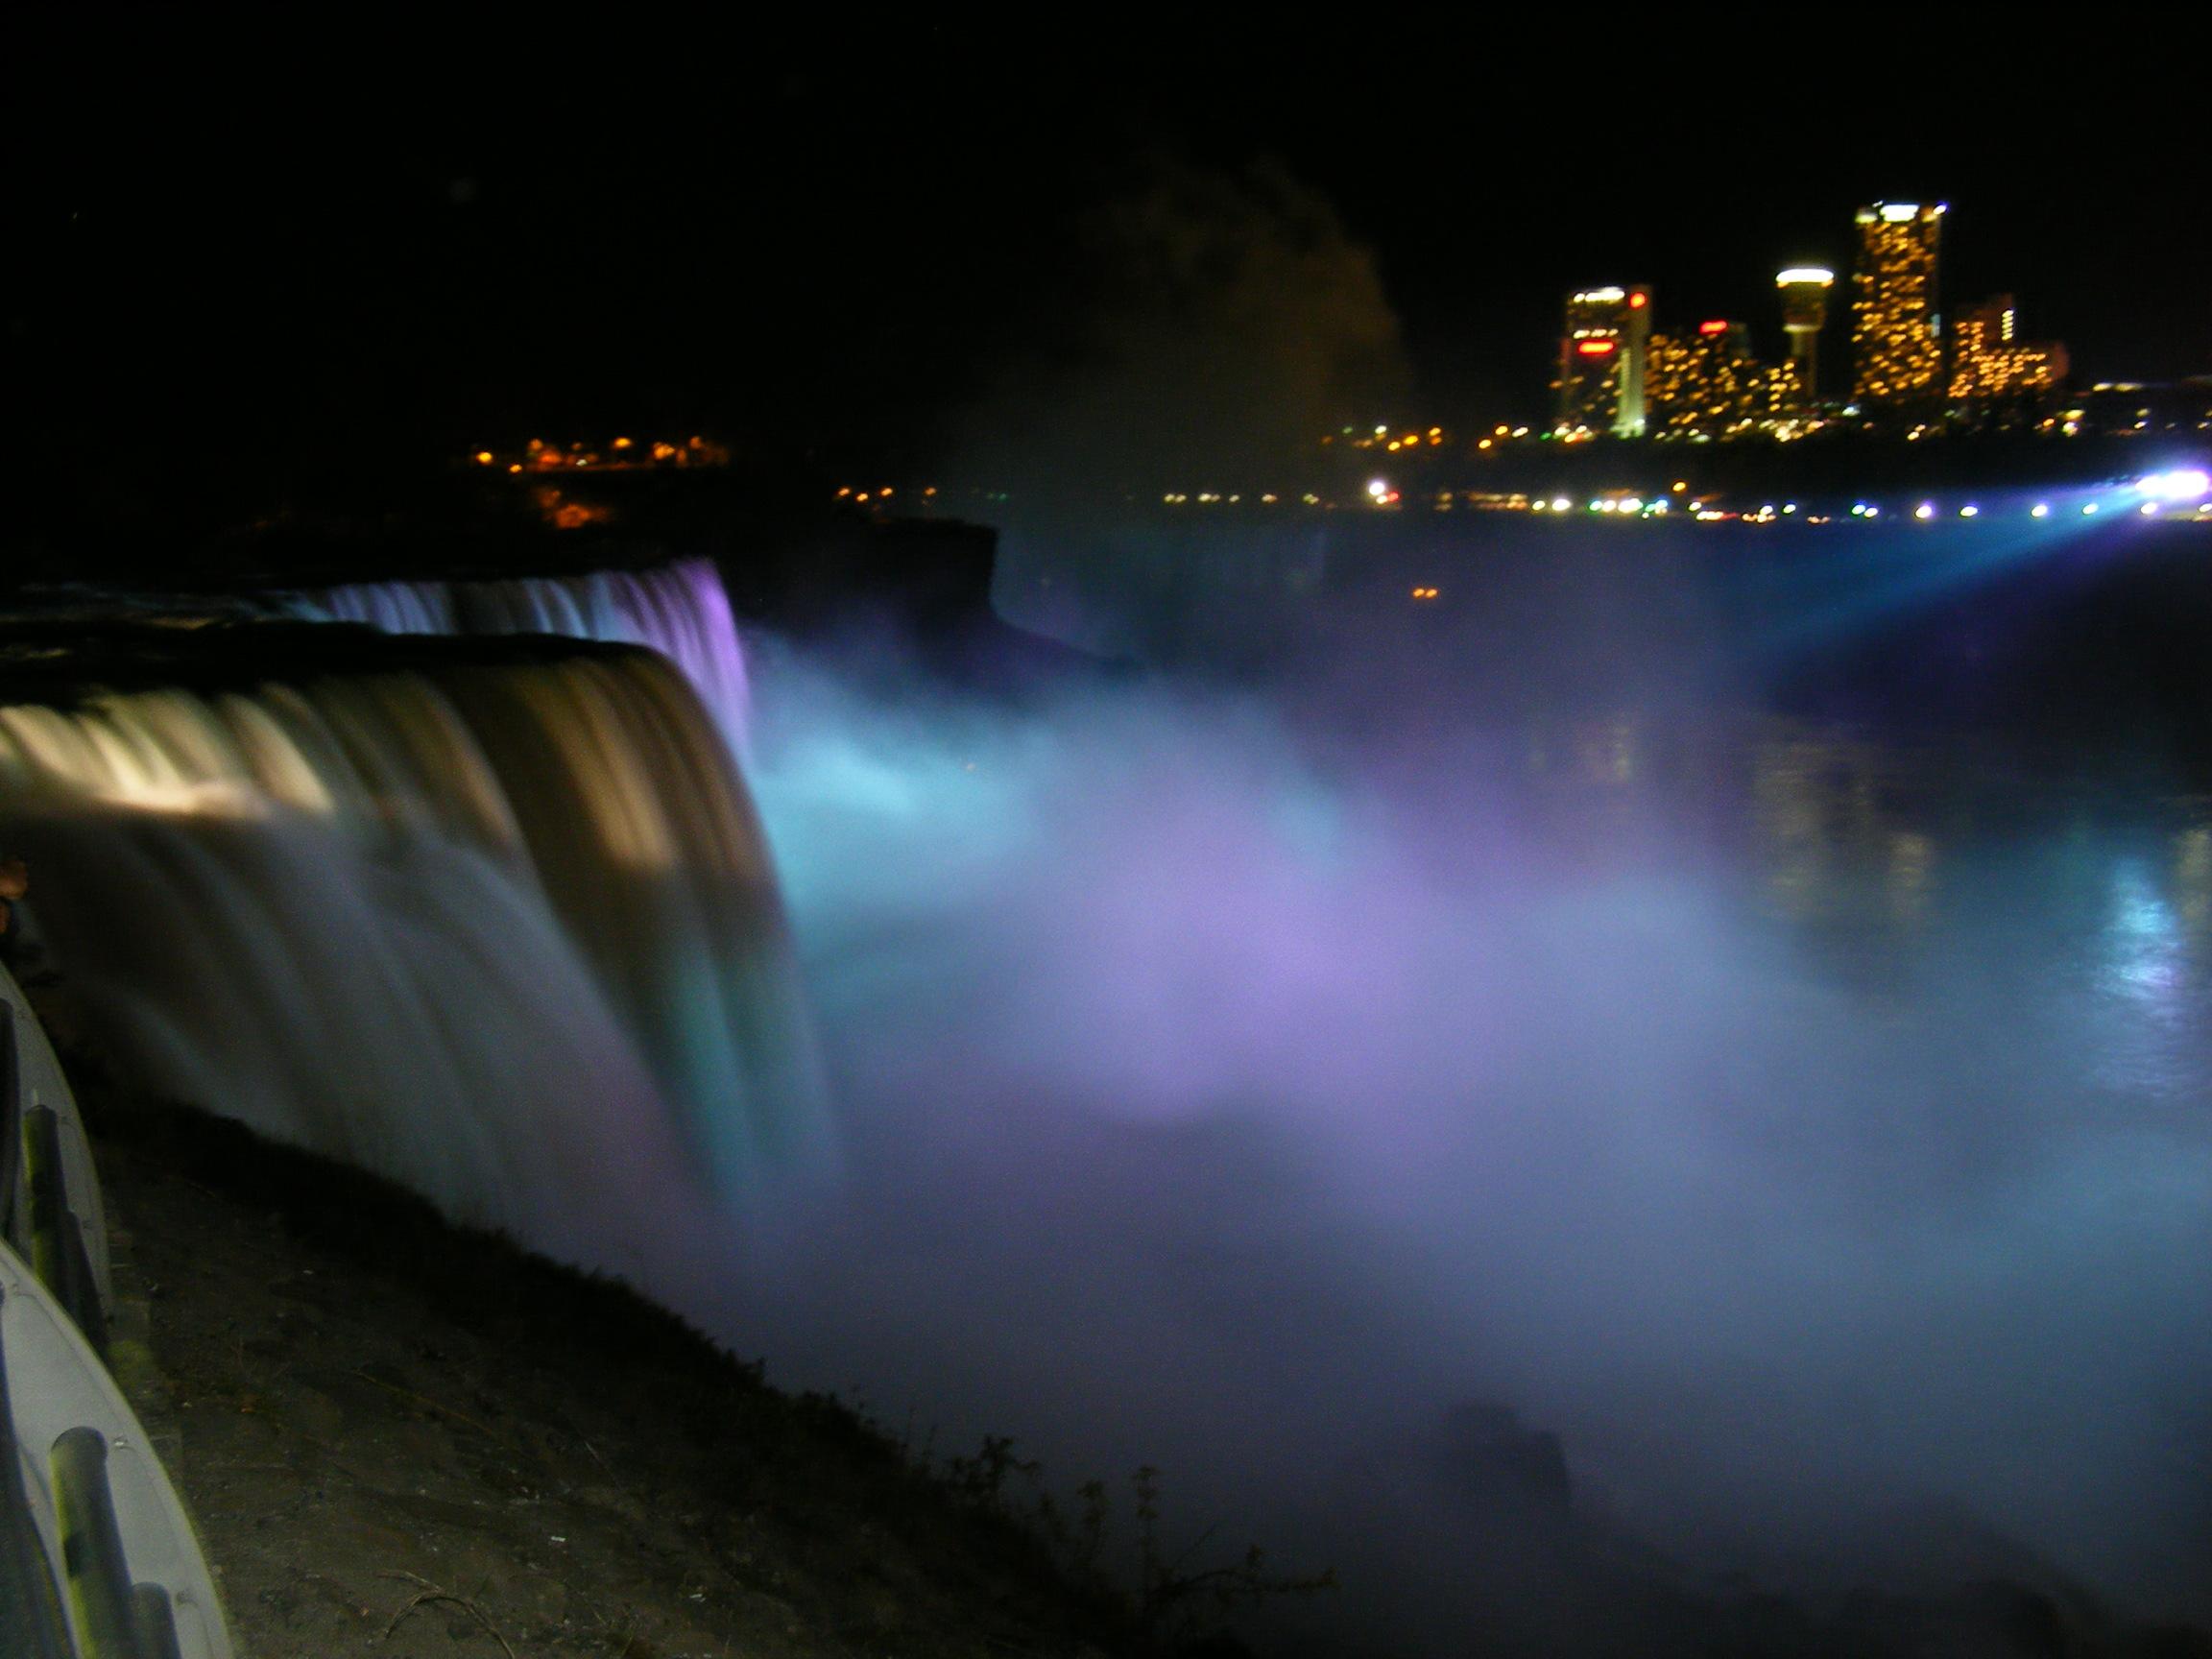 Beauty of Niagara Falls, Rushing, Niagara, Night, Park, HQ Photo